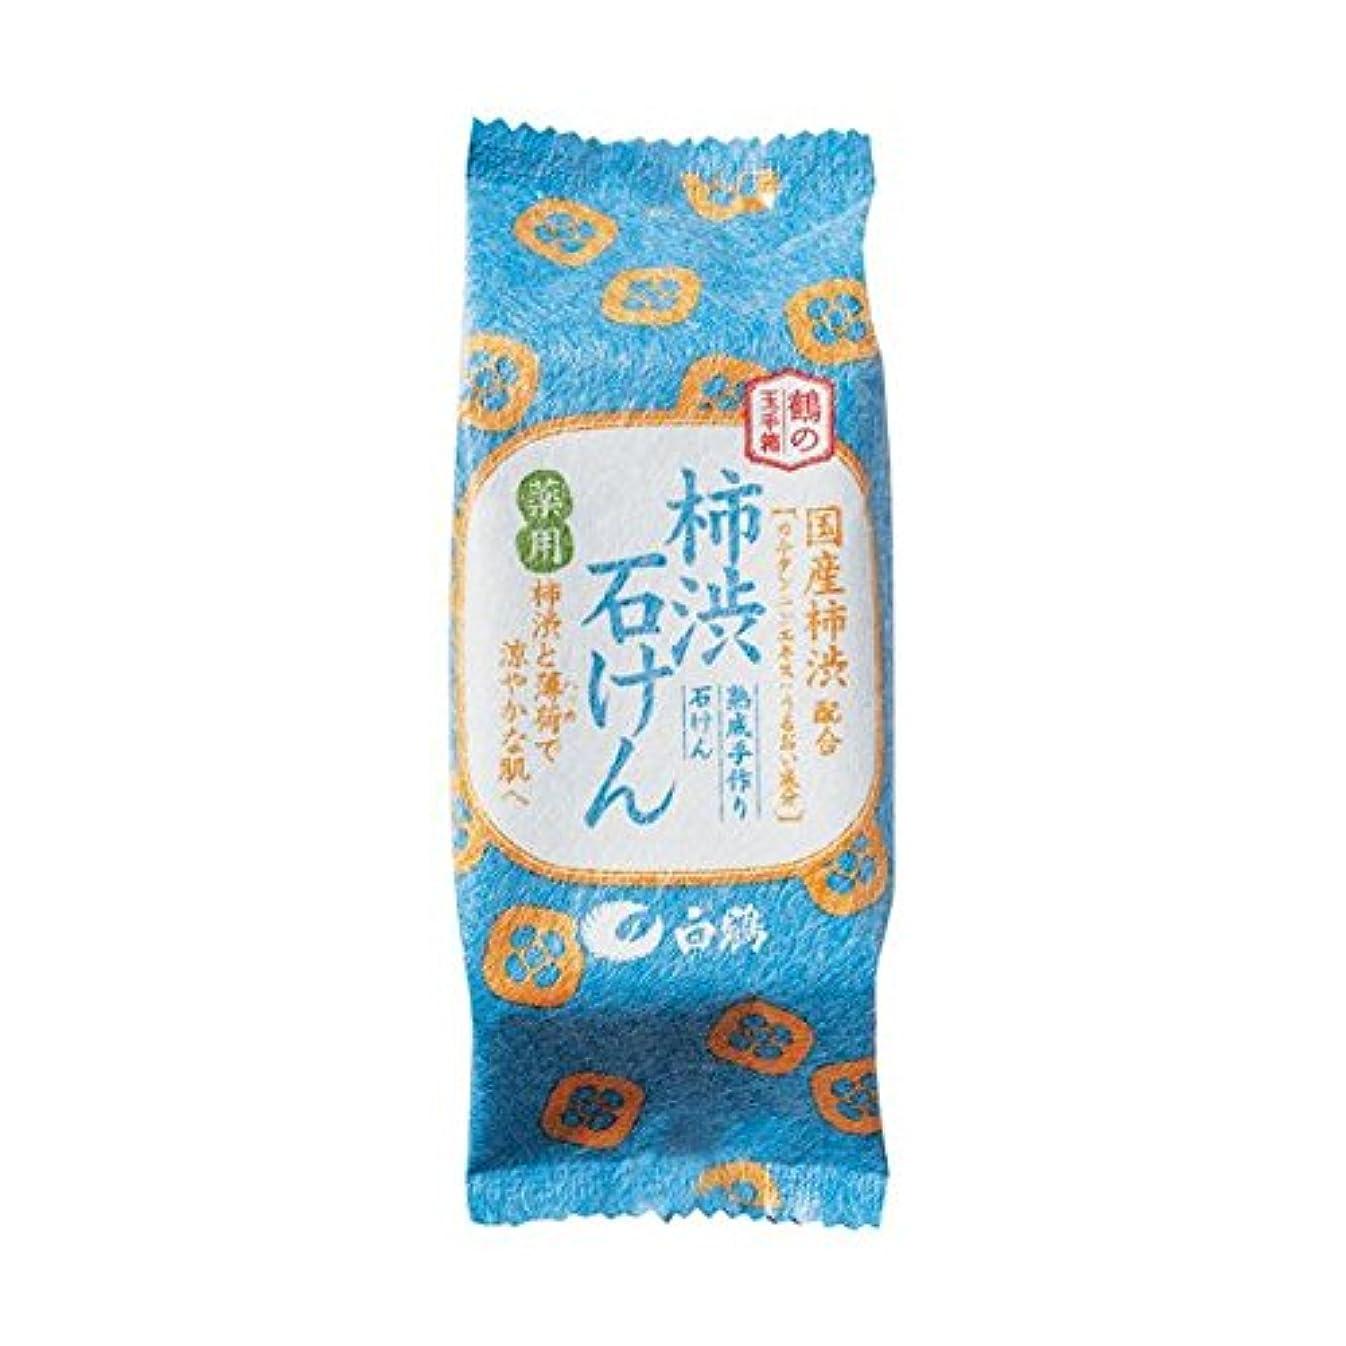 定数ポルノ磁石白鶴 鶴の玉手箱 薬用 柿渋石けん 110g × 3個